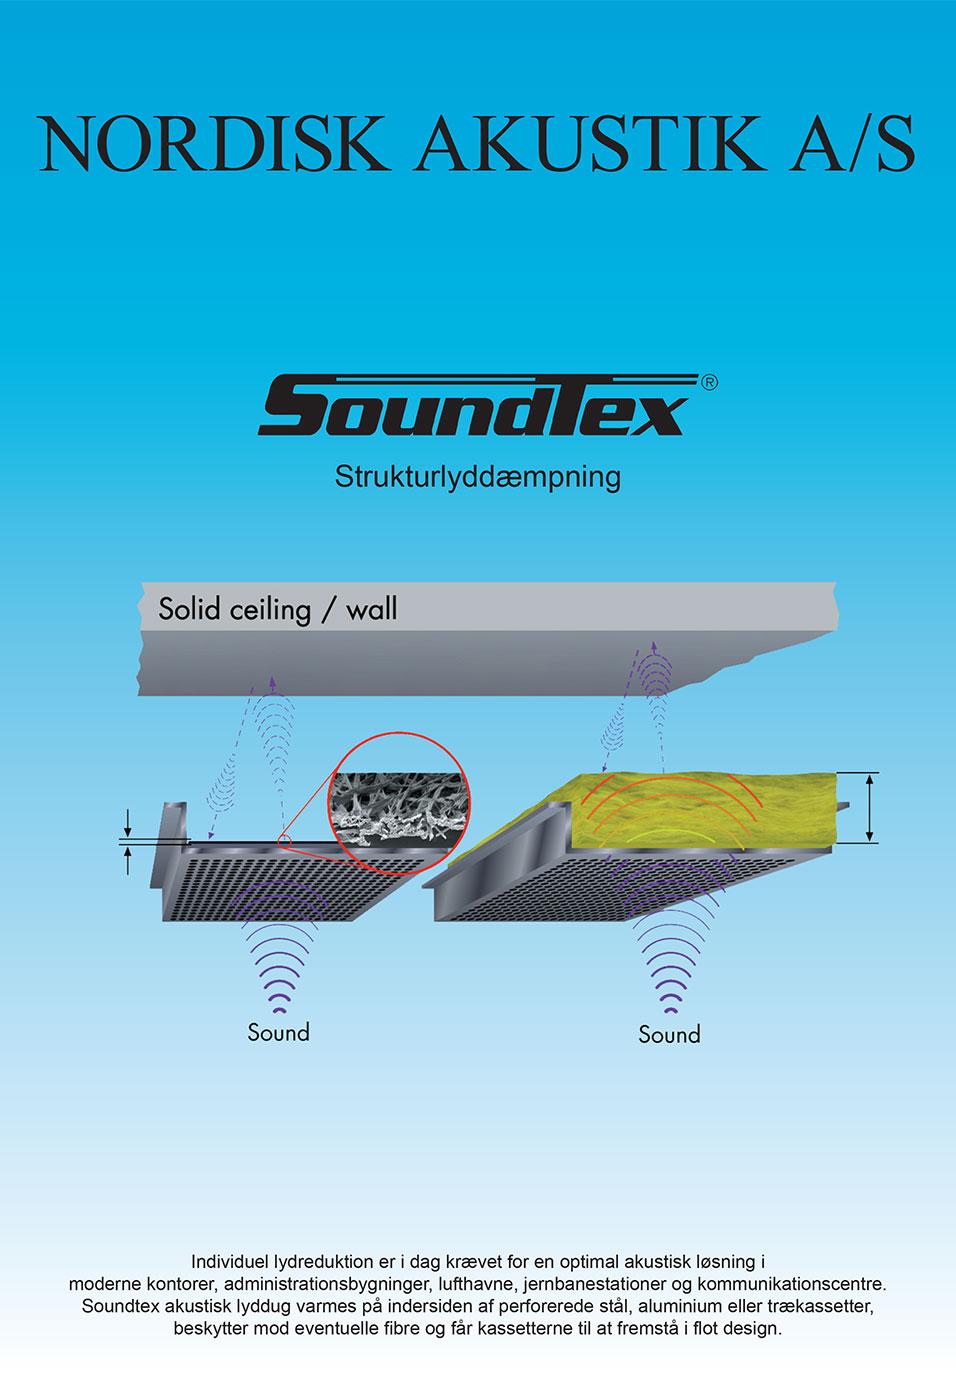 dk-soundtex-1.jpg